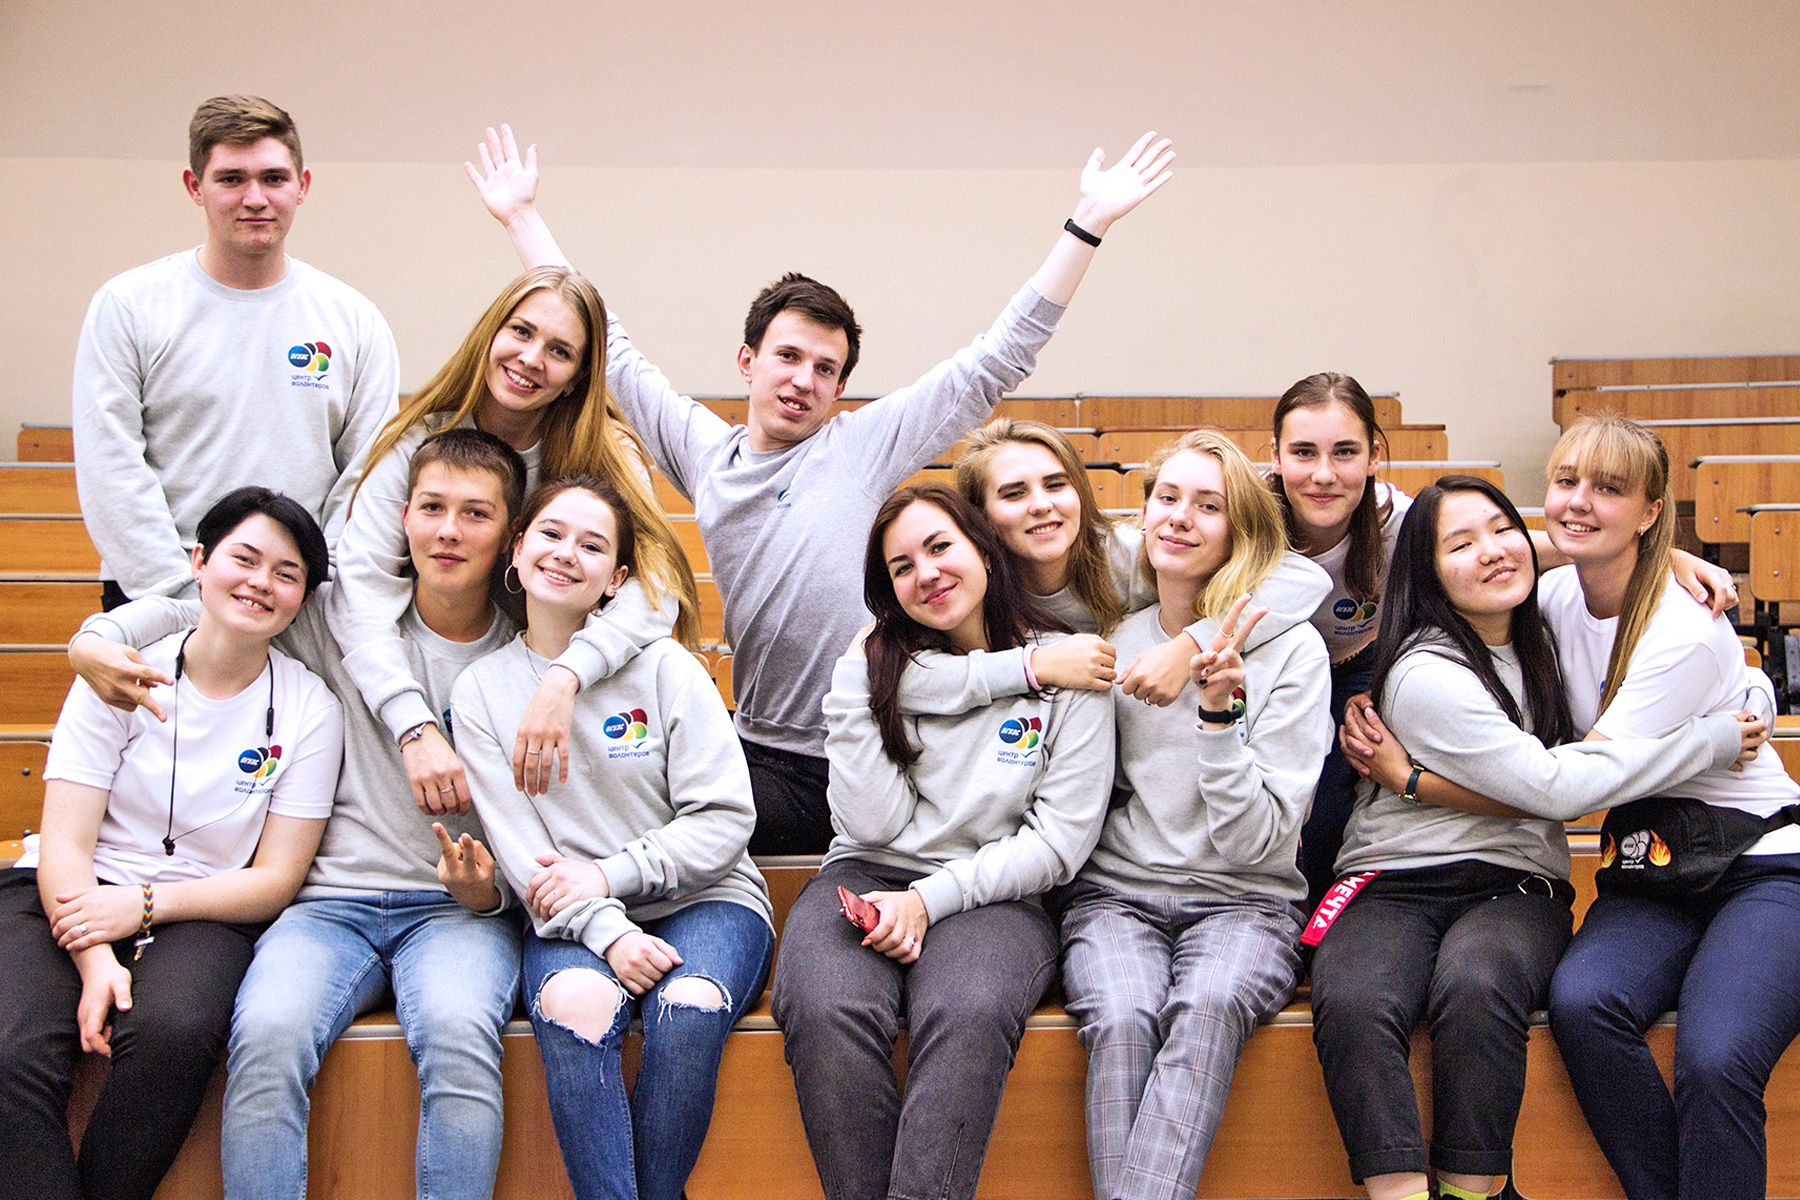 V юбилейная Школа волонтеров ВГУЭС собрала максимальное количество заявок